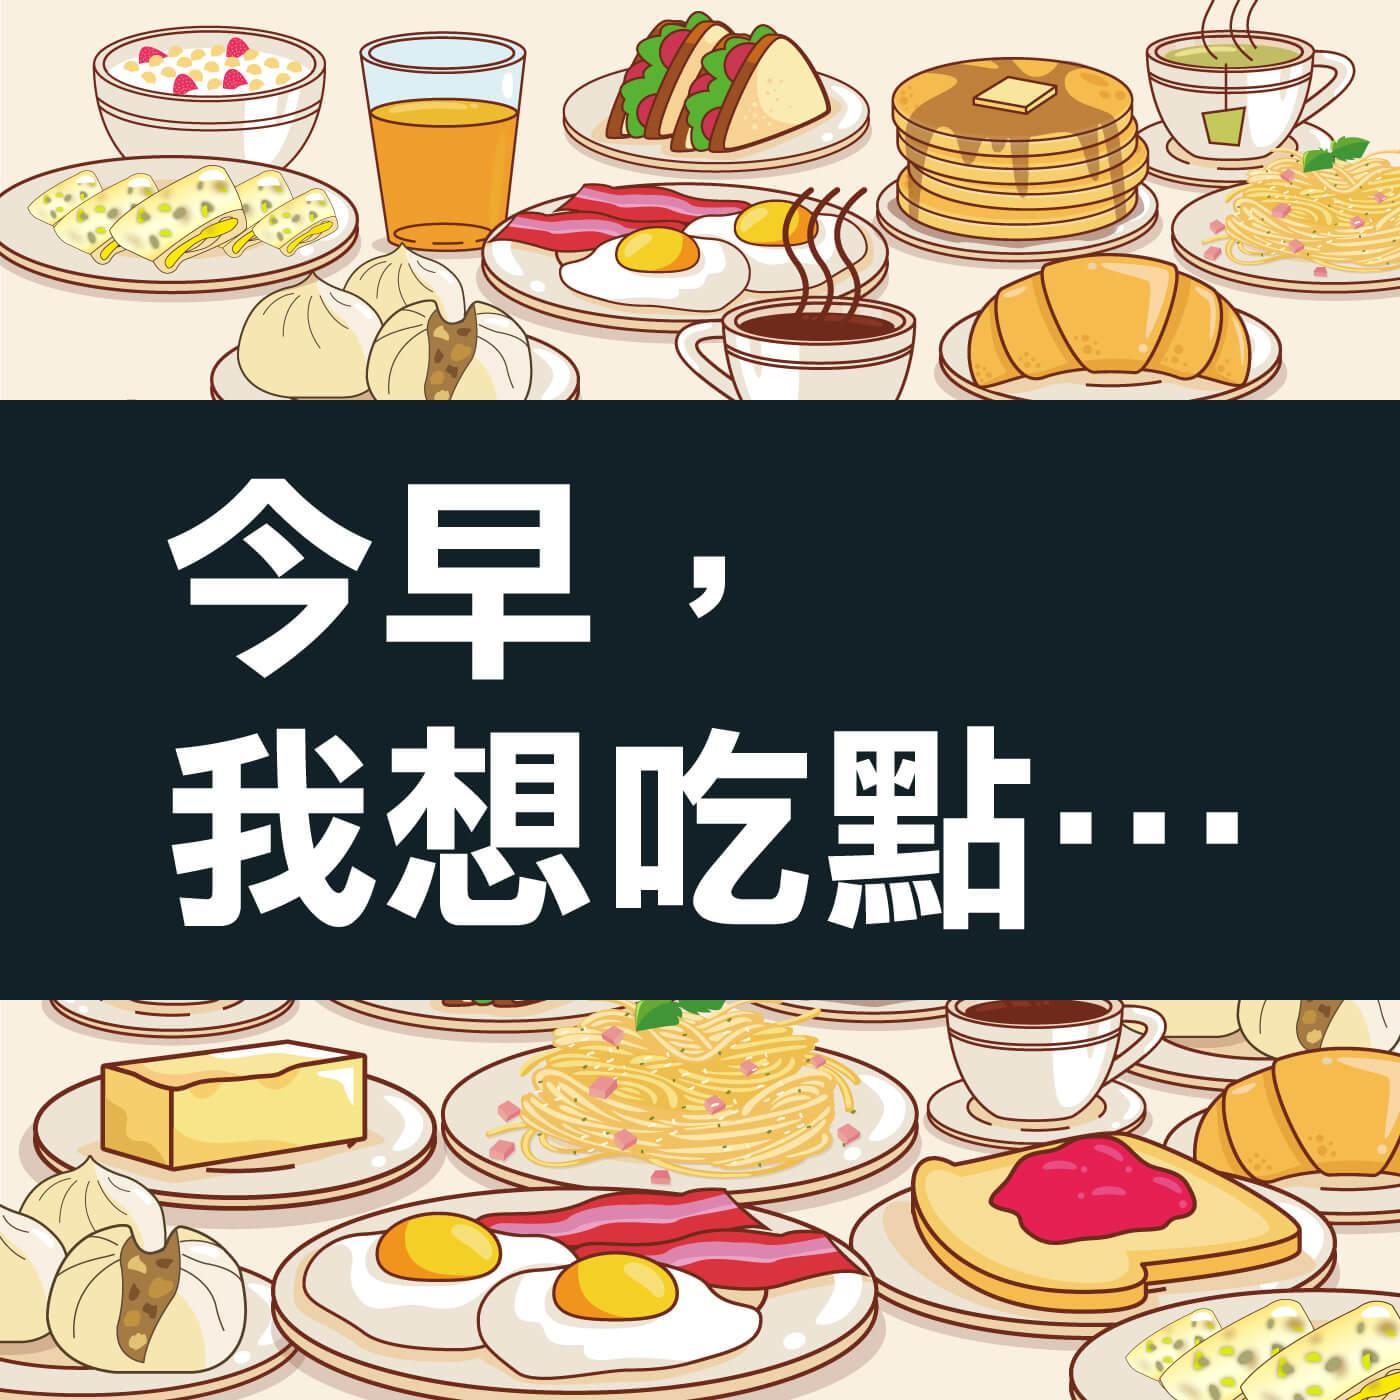 今早我想吃點